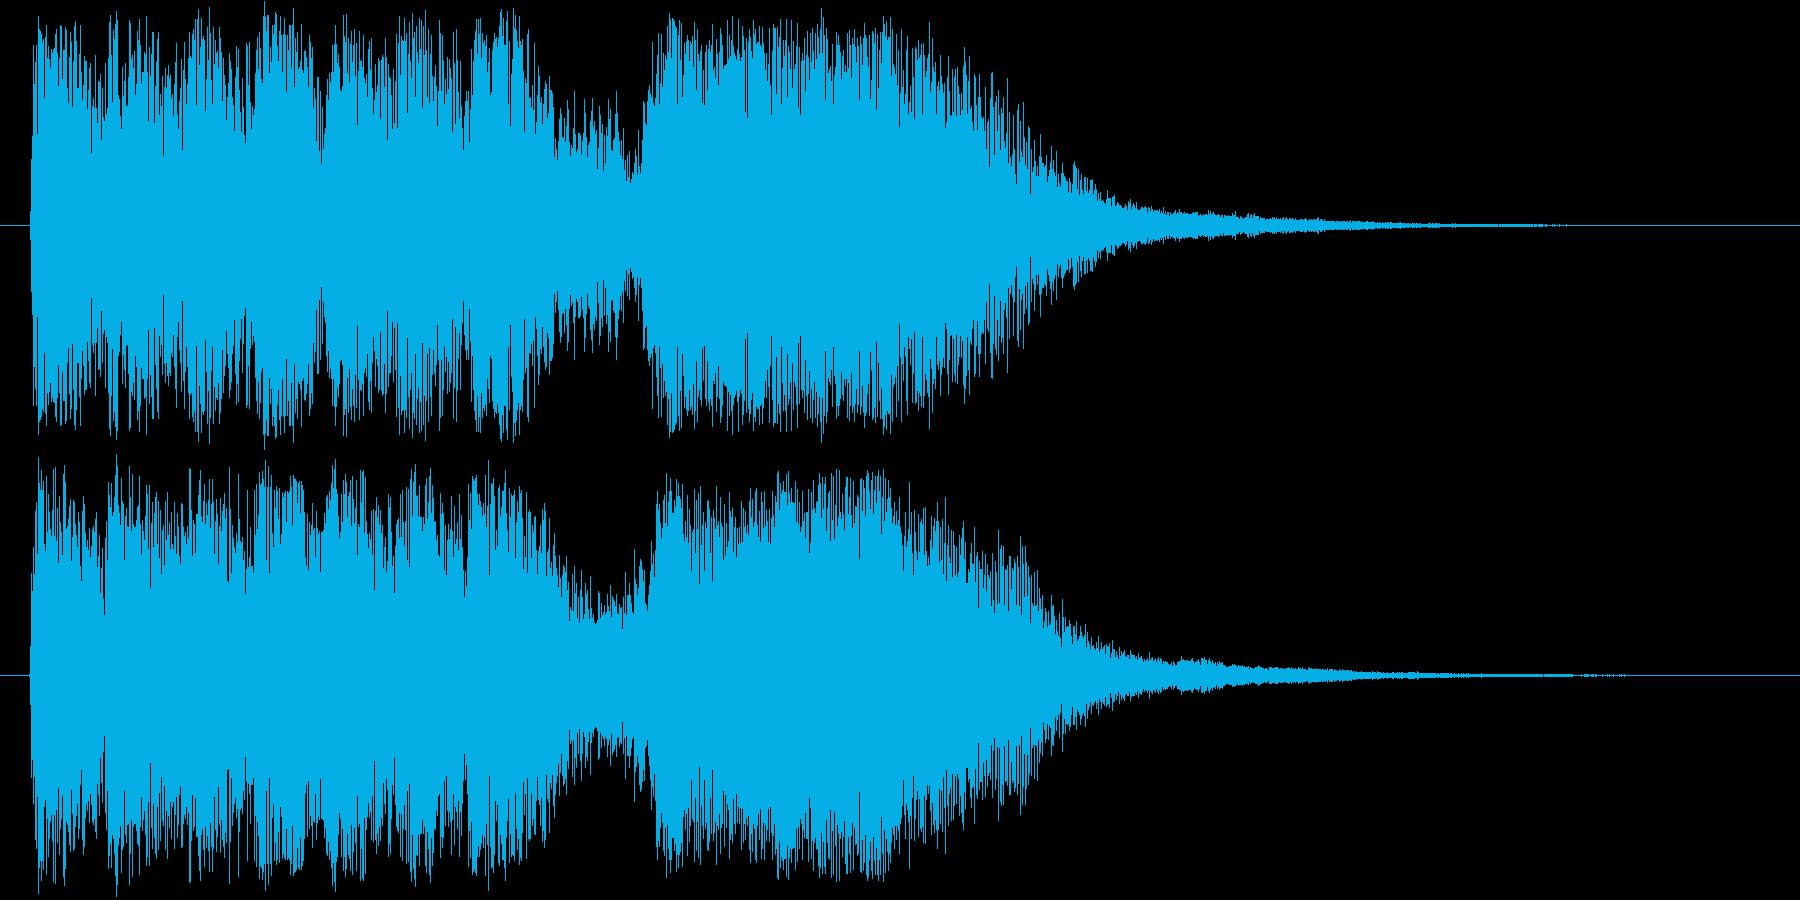 レベルアップっぽいかわいいジングルの再生済みの波形